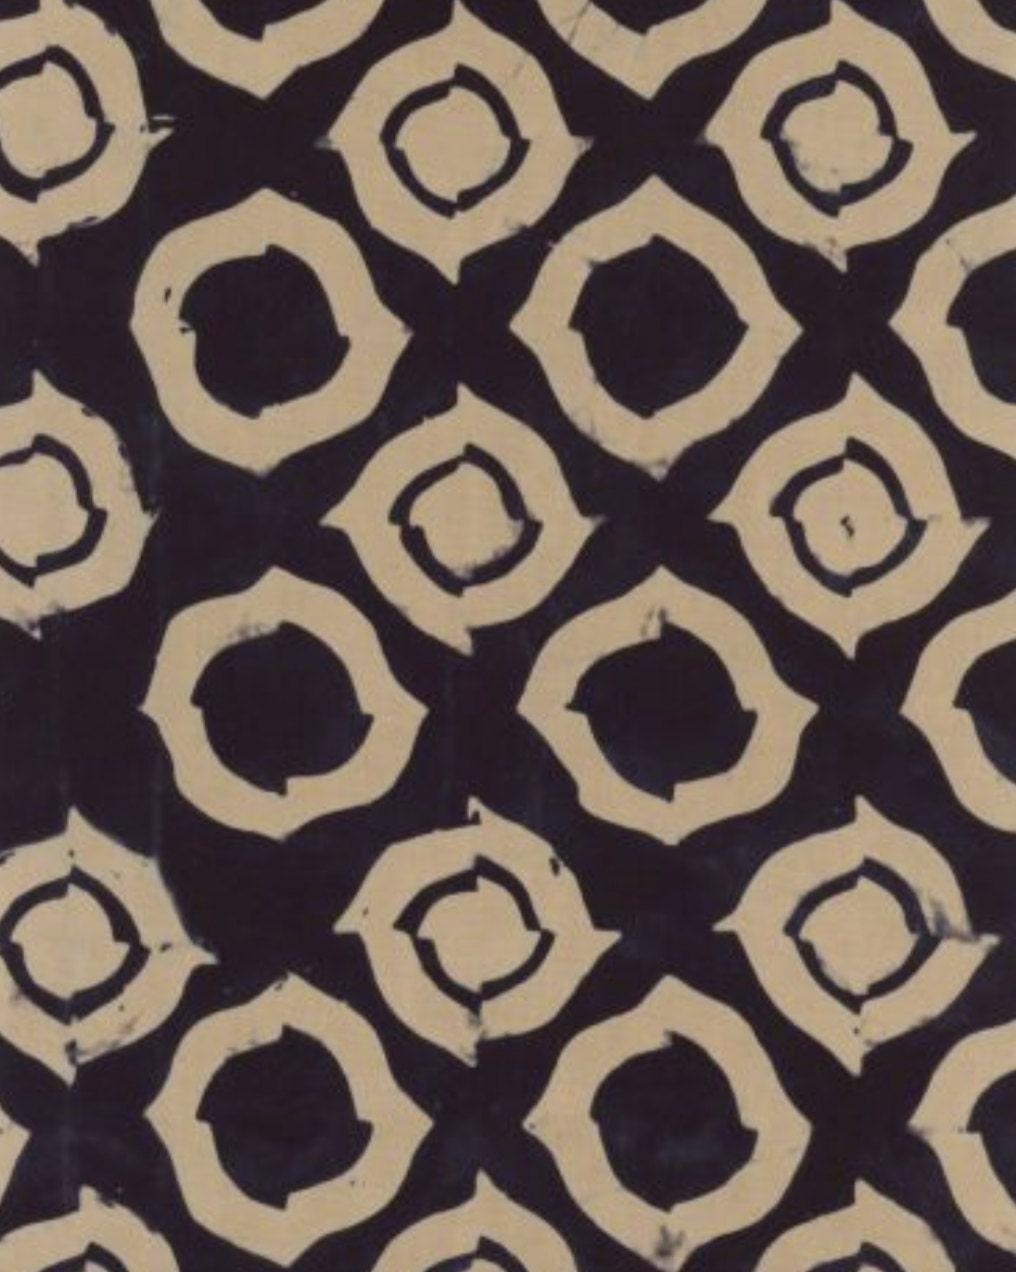 By the half yard java batik macchiato by galaxy fabrics for Galaxy fabric canada